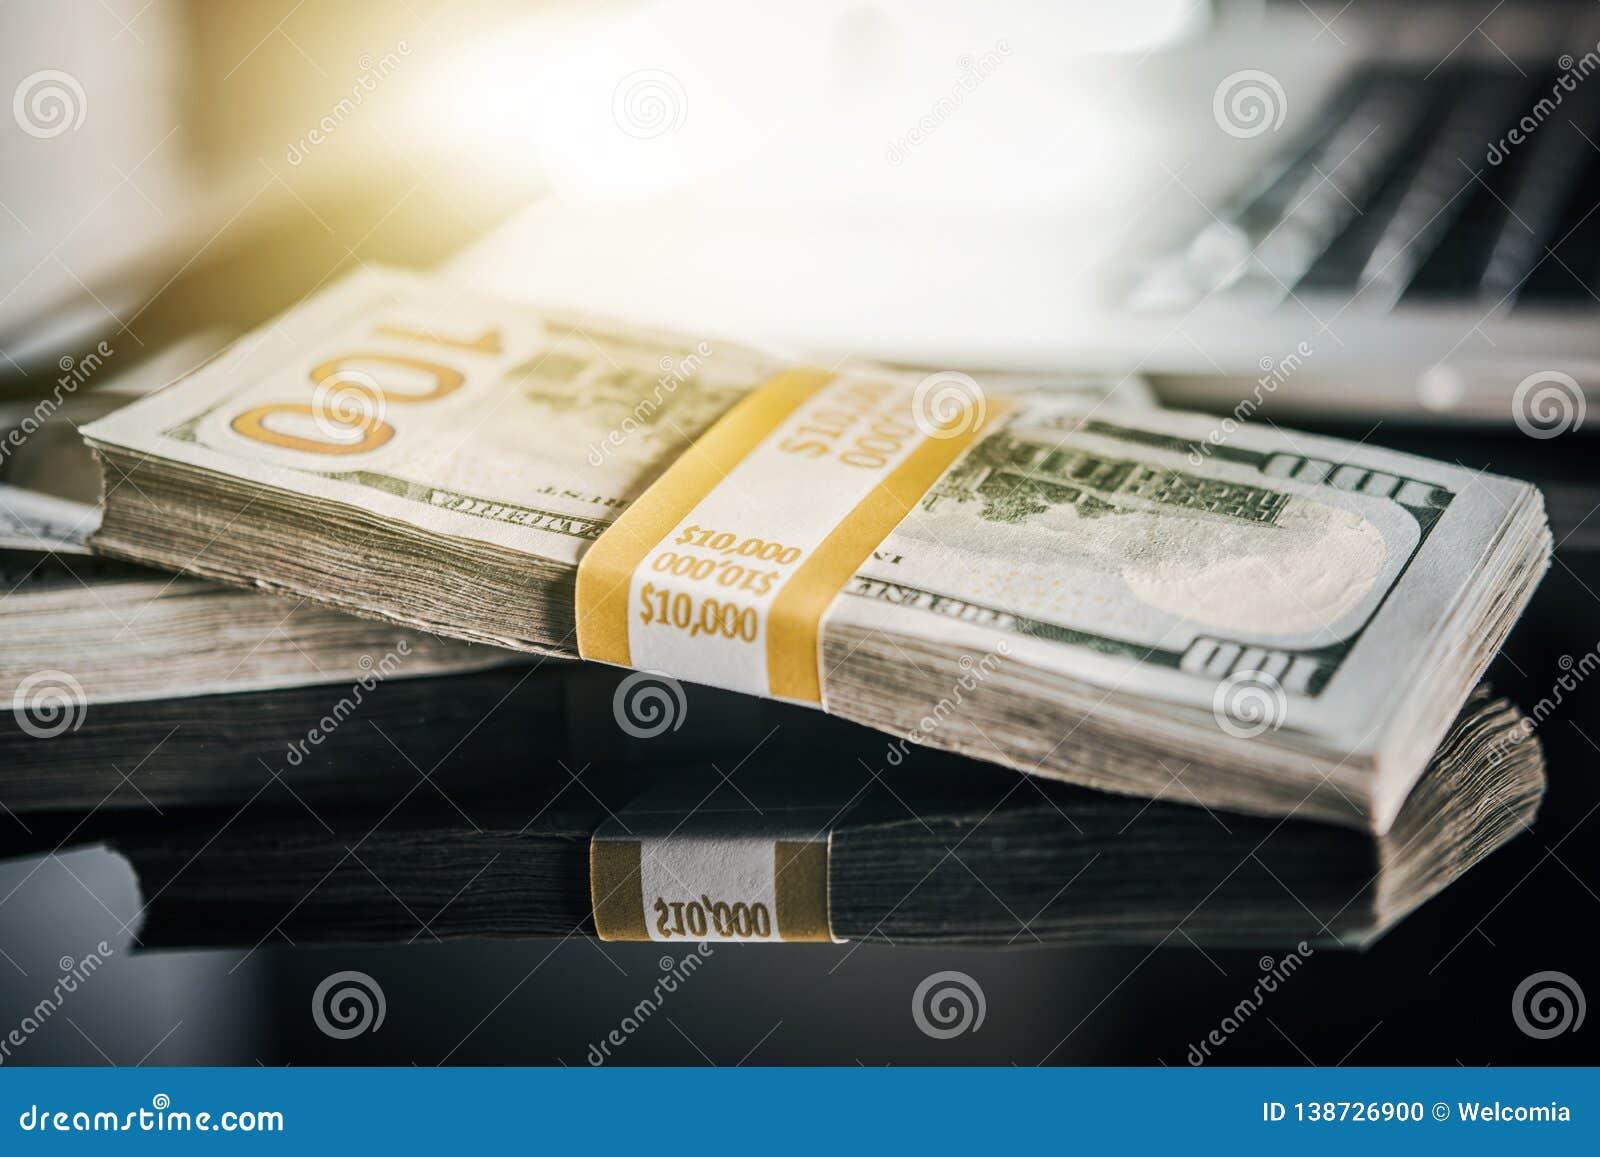 Μισθός χρημάτων μετρητών